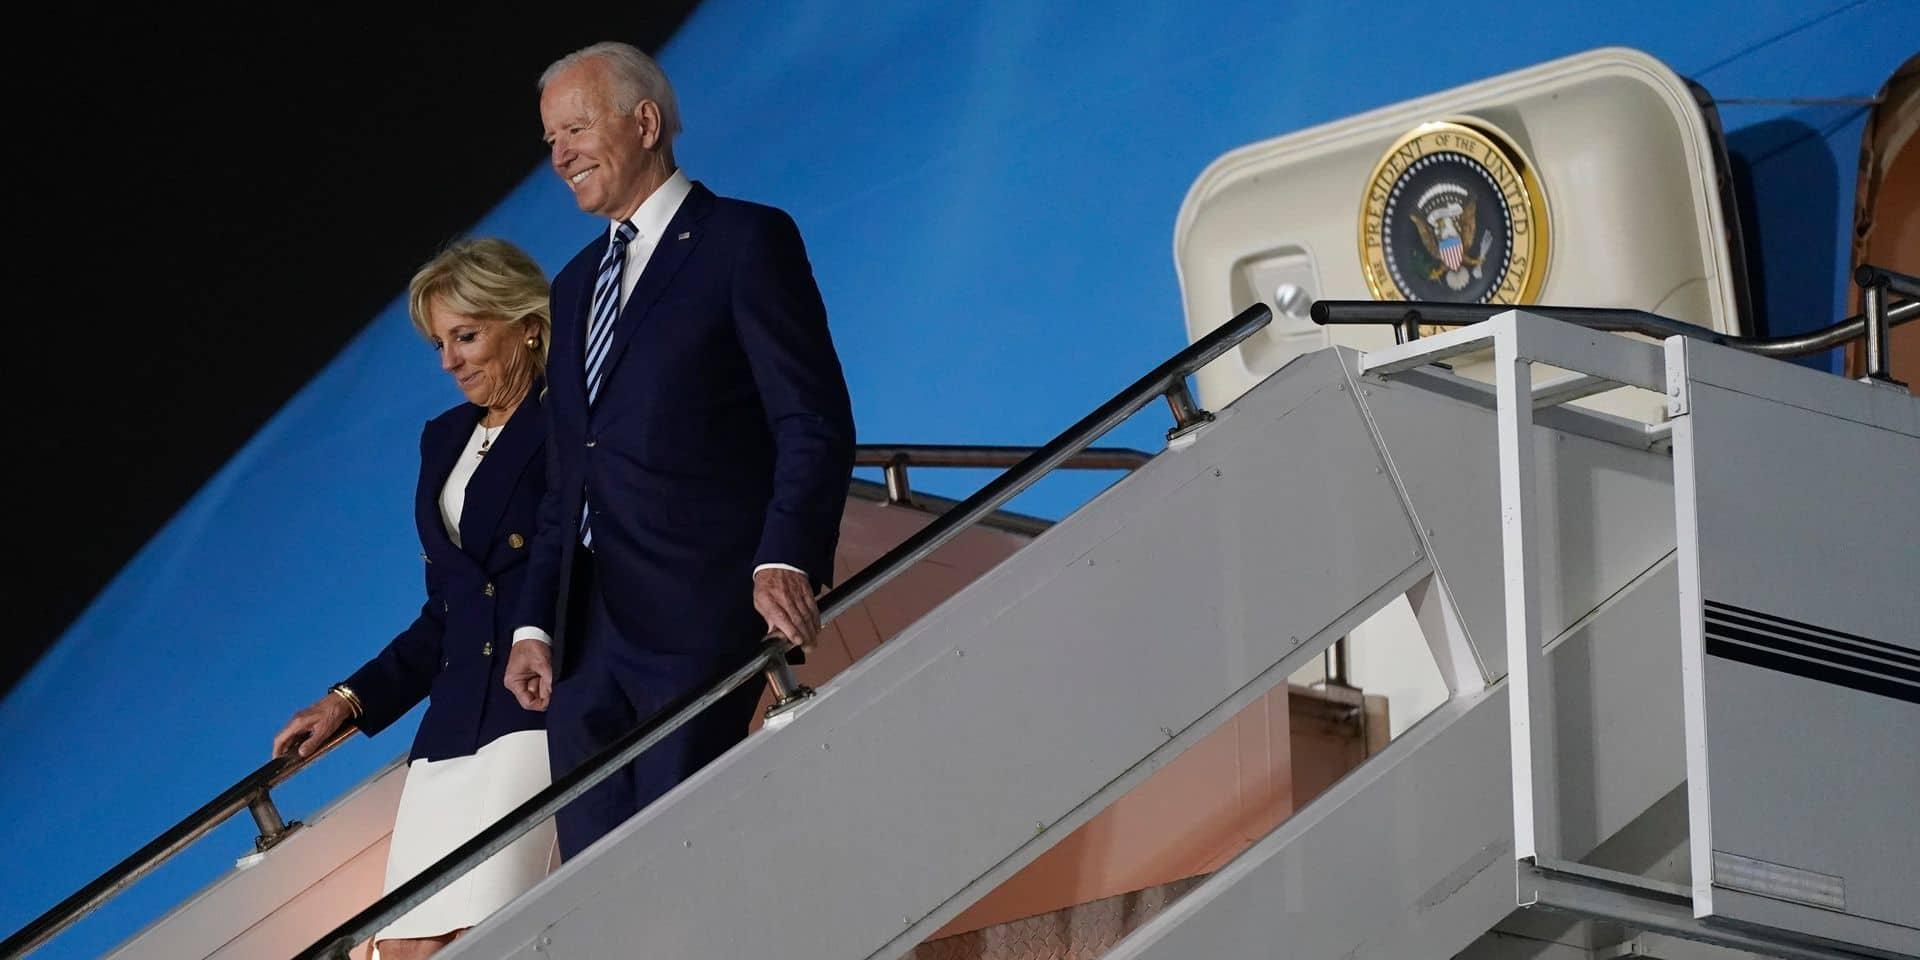 Joe Biden arrive dimanche soir en Belgique : voici son programme